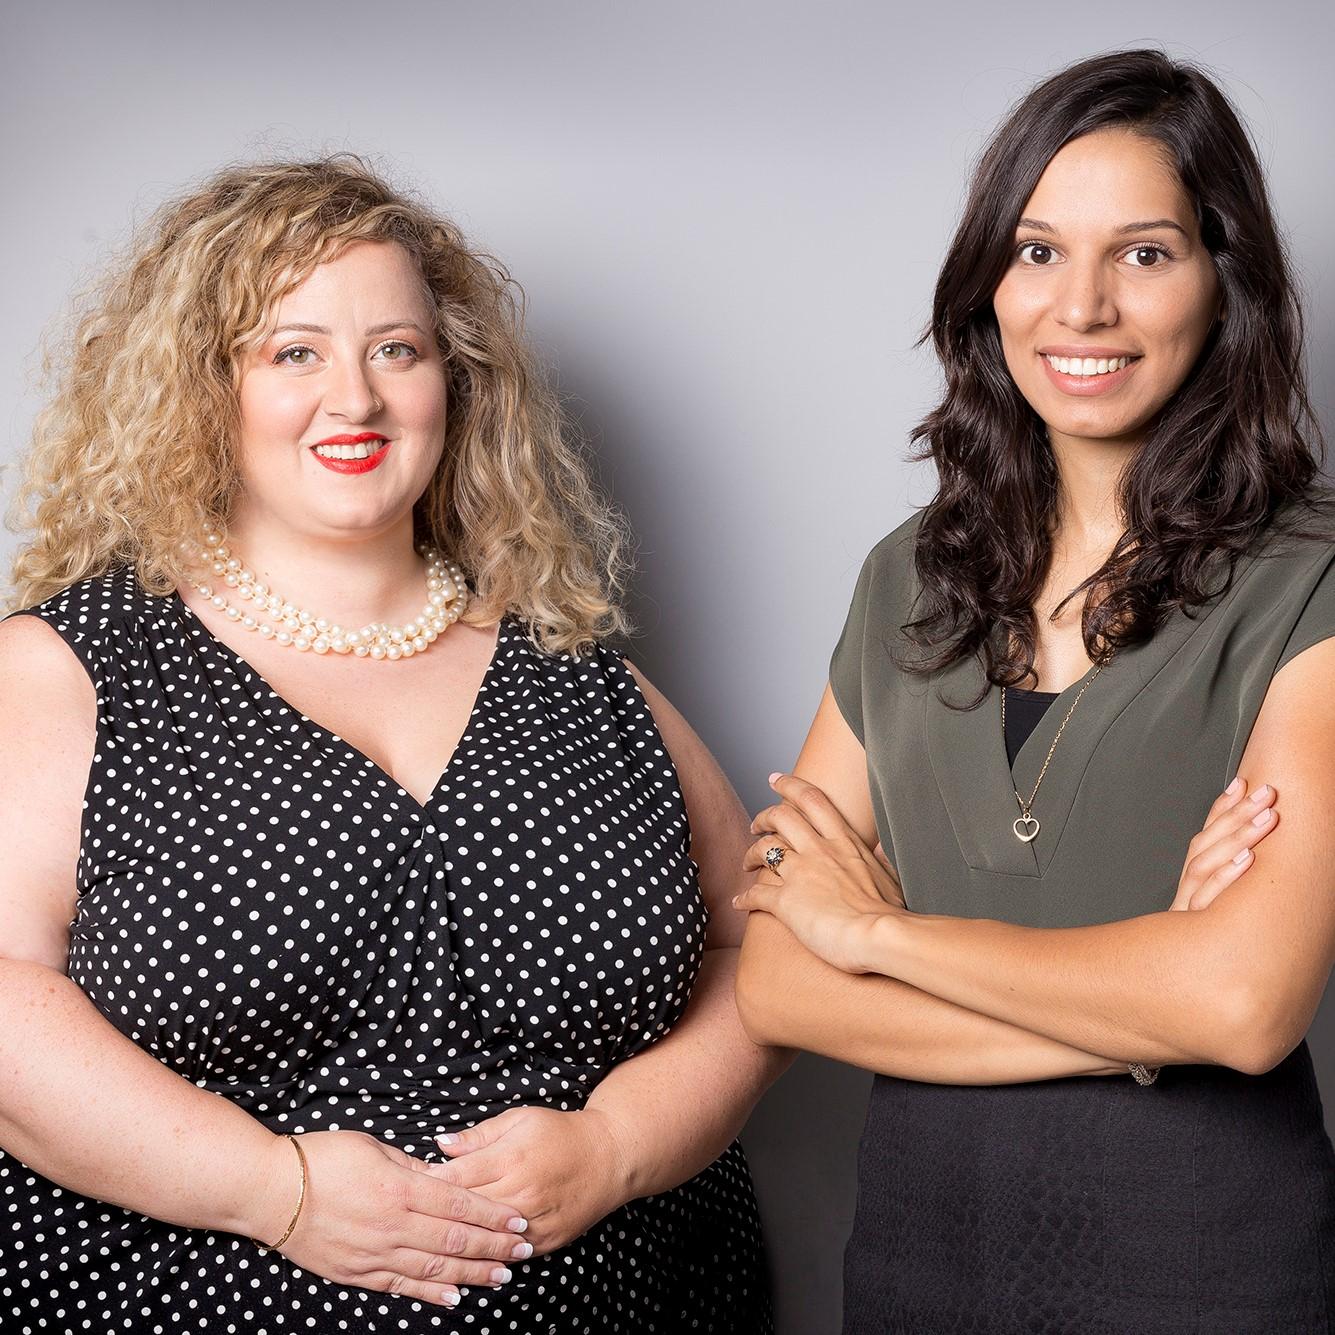 אריאלה רוזן וחולוד עיוטי, מנכ״ליות משותפות בפרזנטנס. צילום: שני נחמיאס